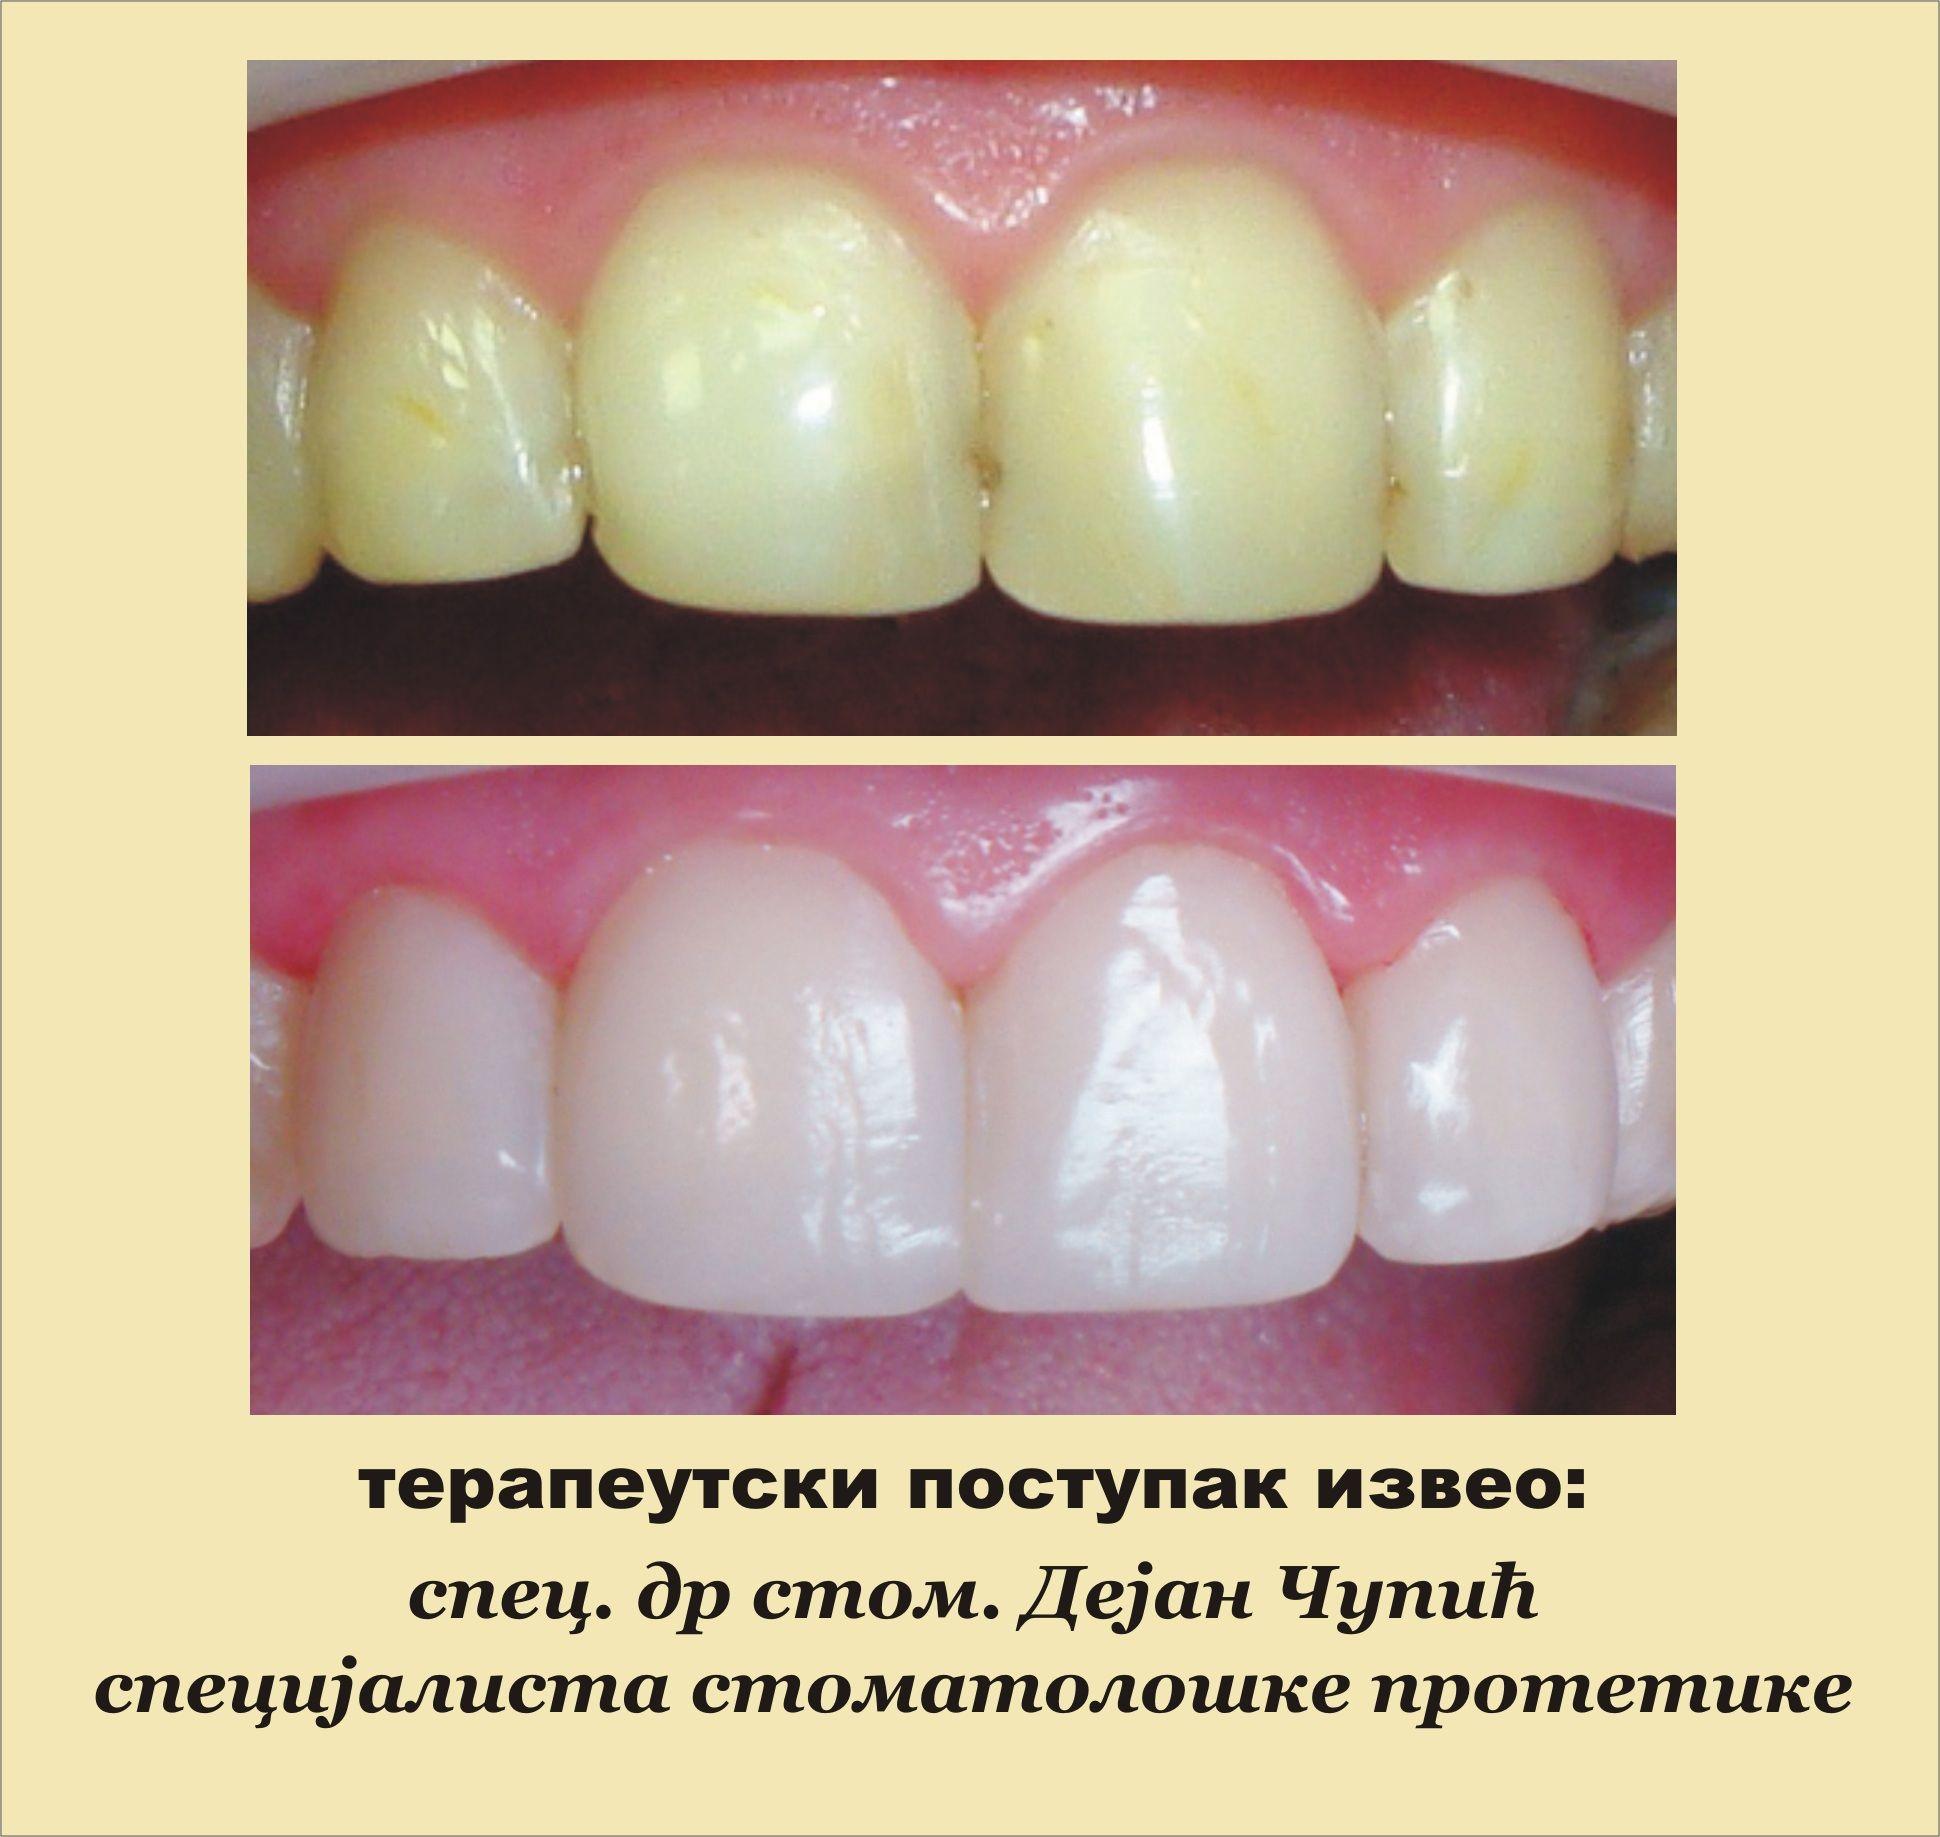 Lasersko izbeljivanje zuba cena novi sad